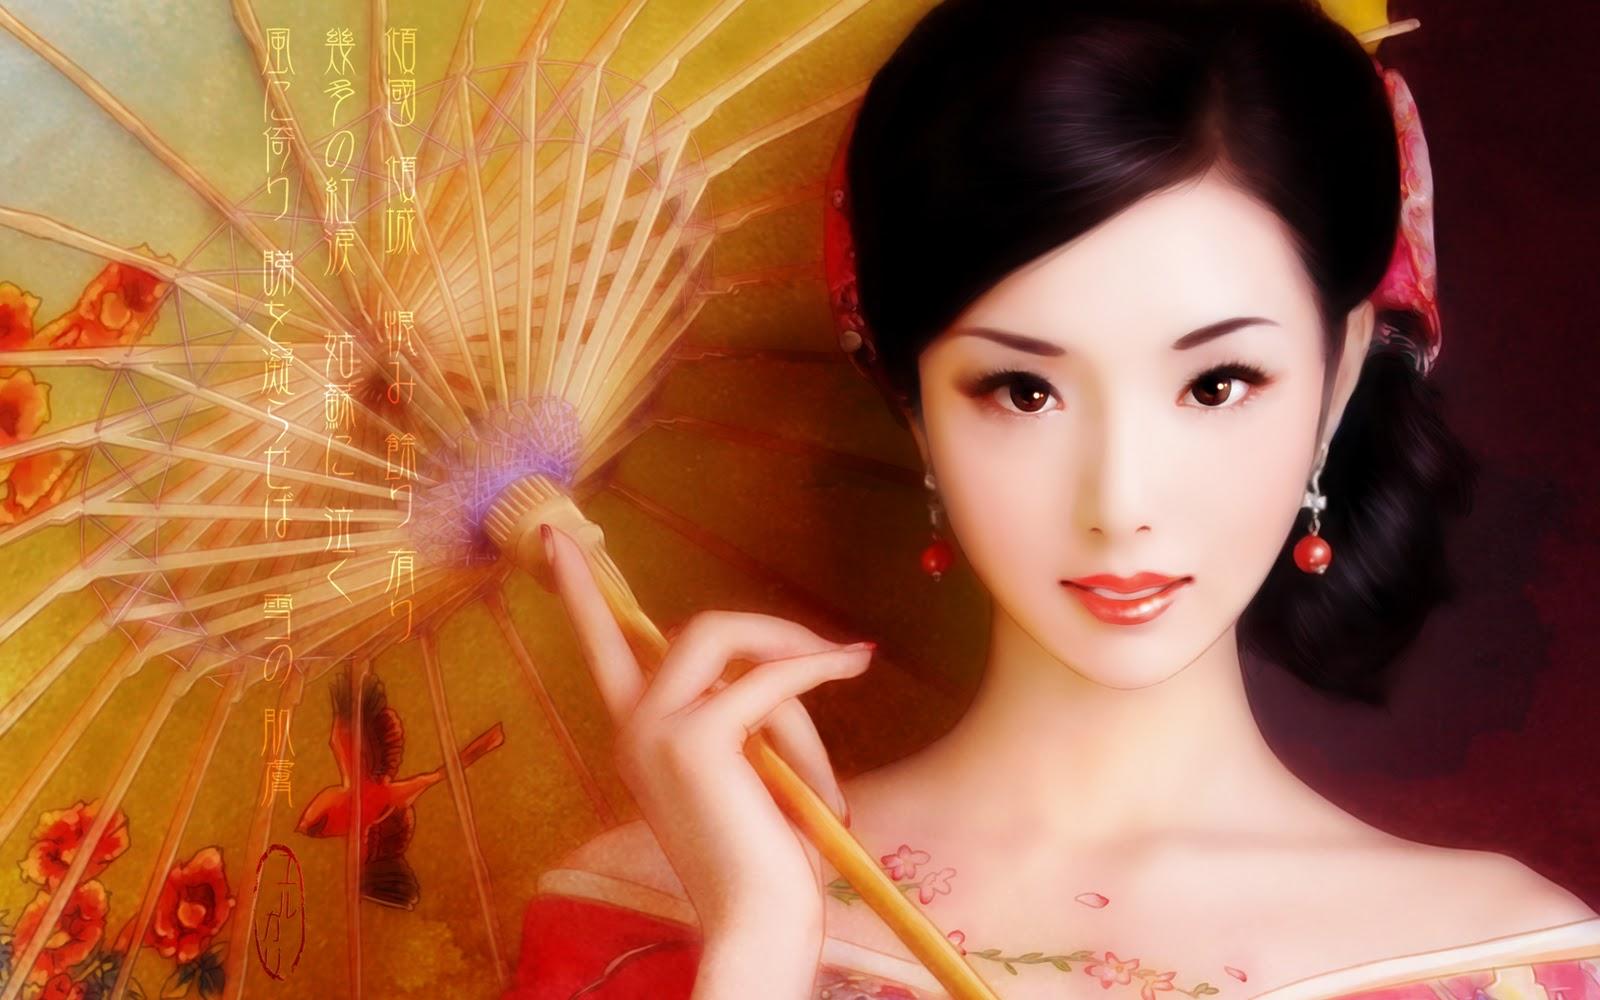 Kimono Beauty   Wallpaper by yurkaryjpg 1600x1000